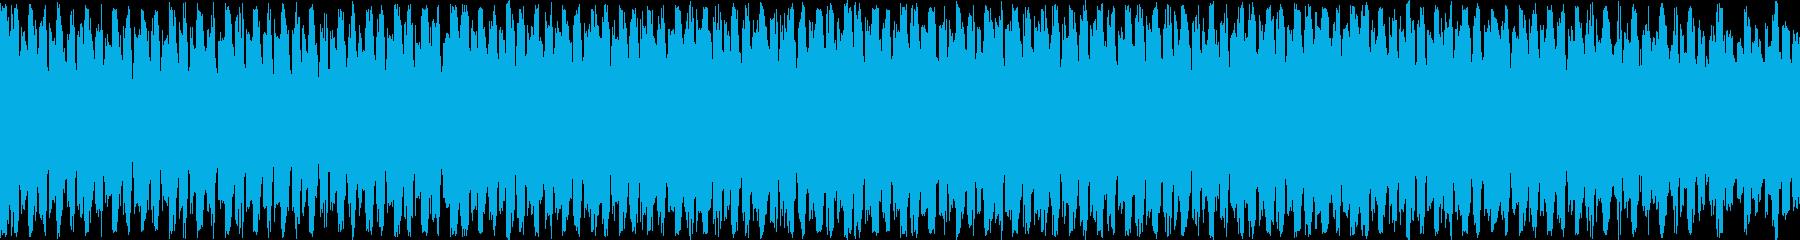 ギターとピアノの落ち着いたループ曲の再生済みの波形